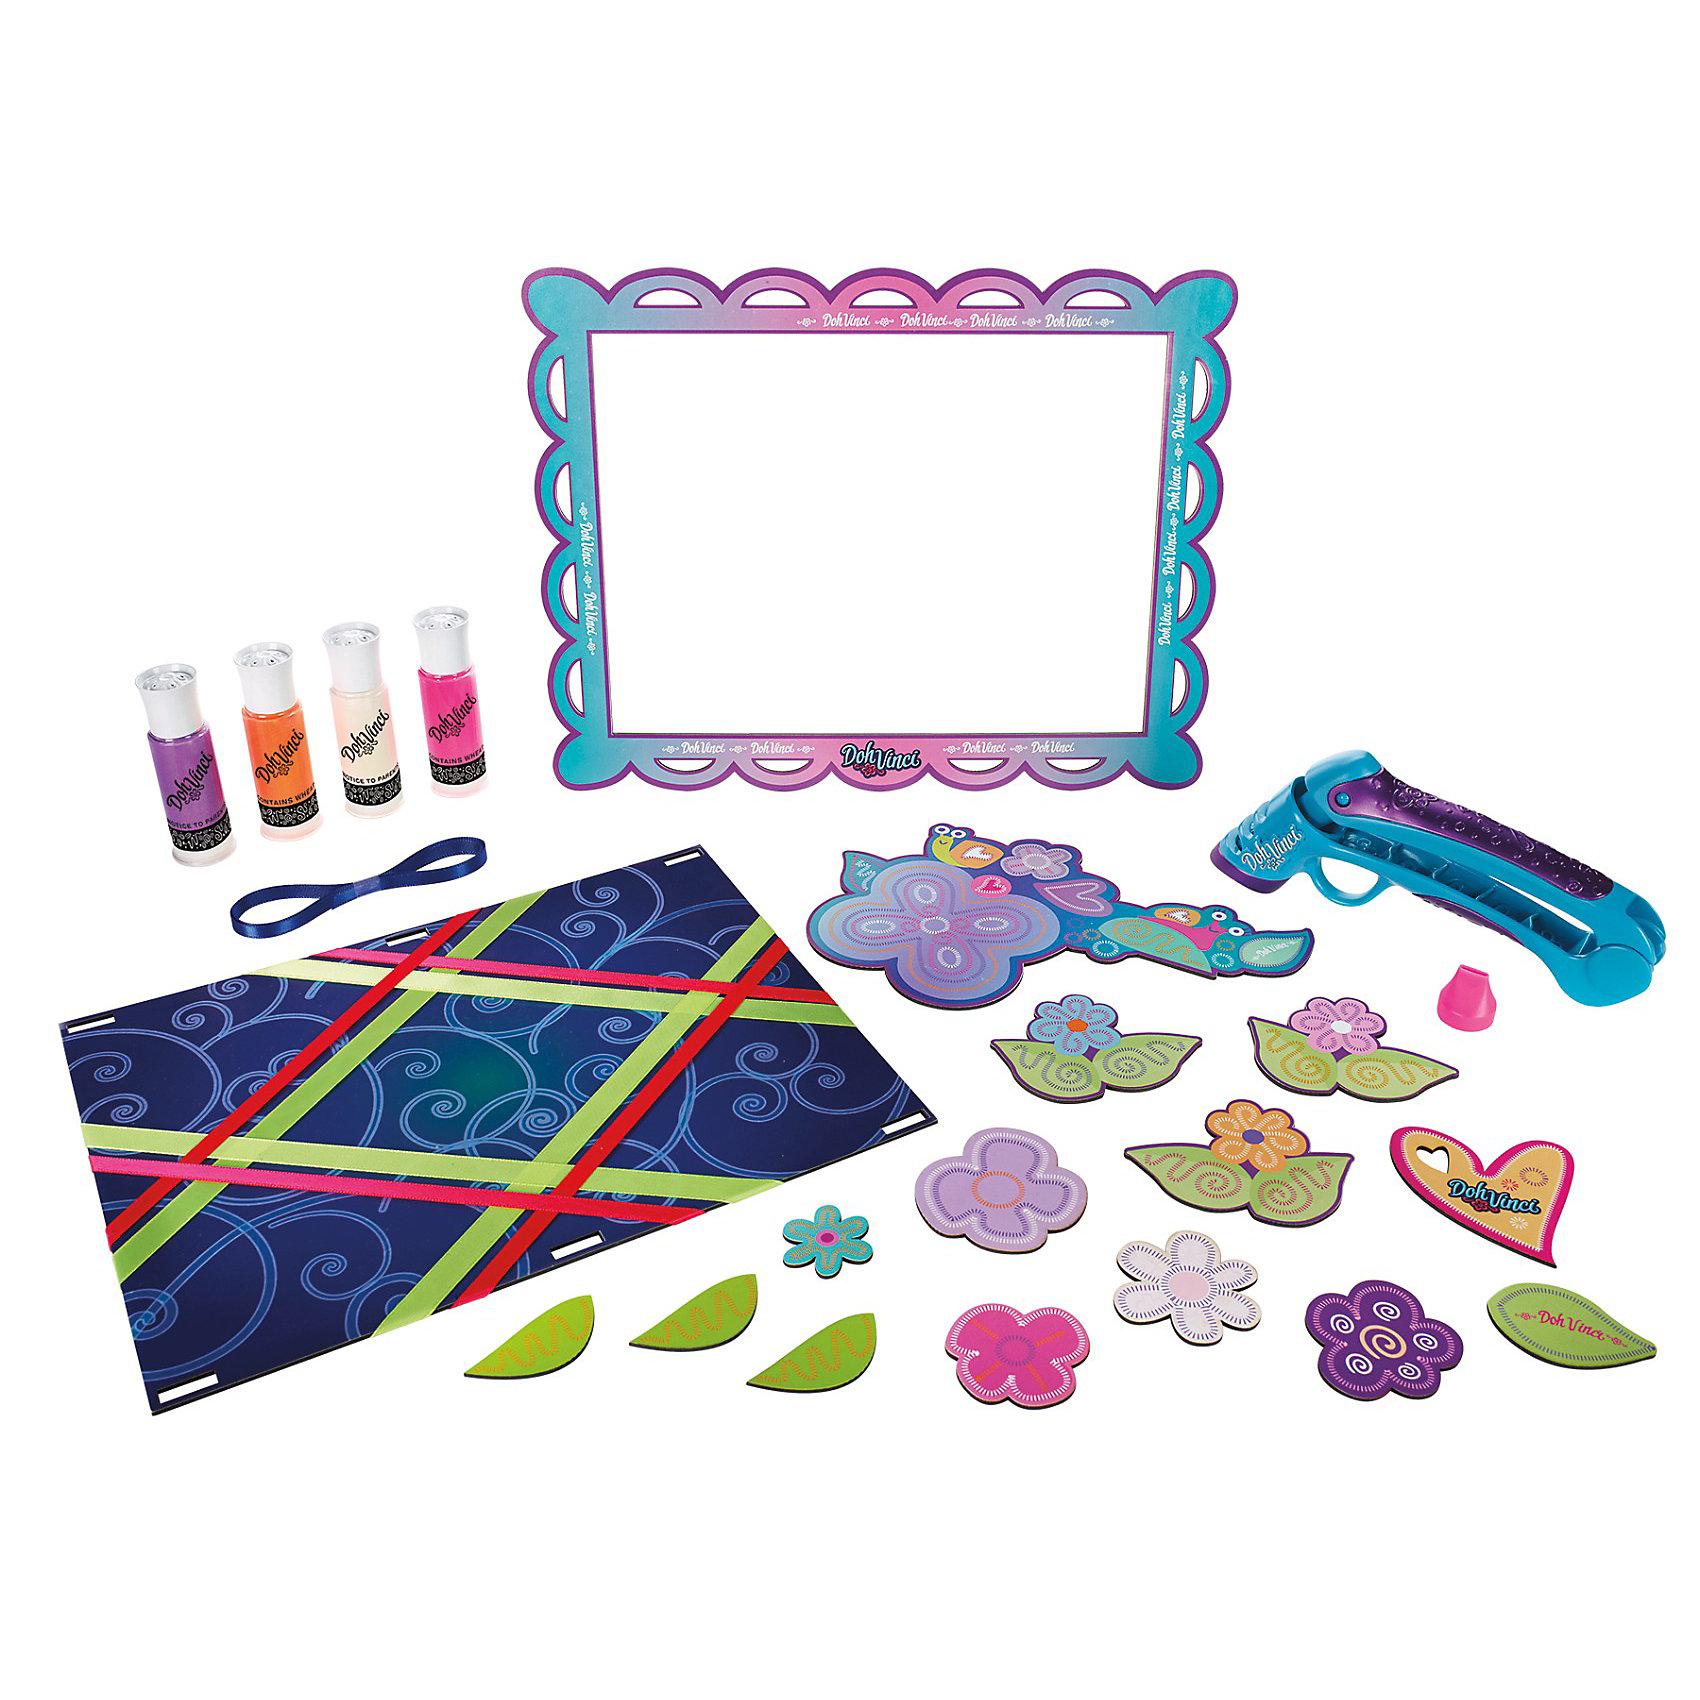 Набор для творчества Рамка на память, DohVinciРамка на память, DohVinci (До-Винчи) - новый оригинальный набор для творчества, с помощью которого Ваш ребенок сможет создать своим руками красивую рамку для рисунков или фотографий. В набор входит специальный стайлер для создания чудесных узоров из пластилина, рамка для декорирования и четыре картриджа с пластилином разных цветов. Вставьте картридж с пластилином в стайлер и, сделав несколько нажатий, Вы получите красивые узоры, которыми можно украсить элементы рамки. Пластилин DohVinci быстро засыхает, хорошо сохраняя заданную форму, полностью безопасен для детей. <br><br>Дополнительная информация:<br><br>- В комплекте: стайлер для декорирования, 4 картриджа, дополнительная насадка, лента, рамка, инструкция.<br>- Материал: высококачественный пластик, пластилин<br>- Размер упаковки: 31,2 x 30,5 x 5 см.<br>- Вес: 0,522 кг. <br><br>Набор для творчества Рамка на память, DohVinci, Play-Doh (Плей-До) можно купить в нашем интернет-магазине.<br><br>Ширина мм: 307<br>Глубина мм: 299<br>Высота мм: 53<br>Вес г: 503<br>Возраст от месяцев: 72<br>Возраст до месяцев: 120<br>Пол: Женский<br>Возраст: Детский<br>SKU: 3555760